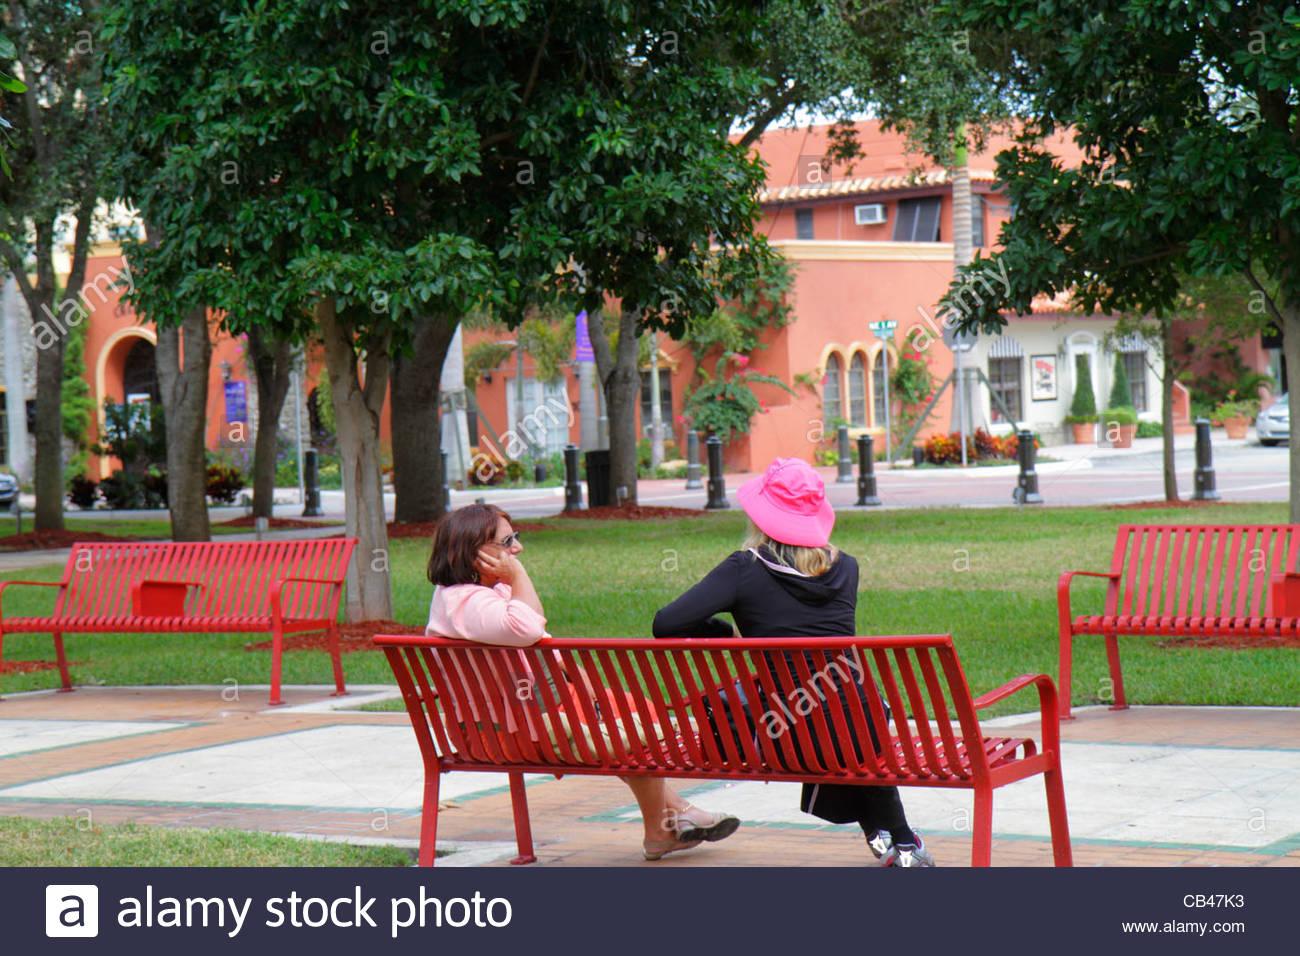 Delightful Public Park Benches Part - 10: Boca Raton Florida Sanborn Square Public Park Benches Woman Talking